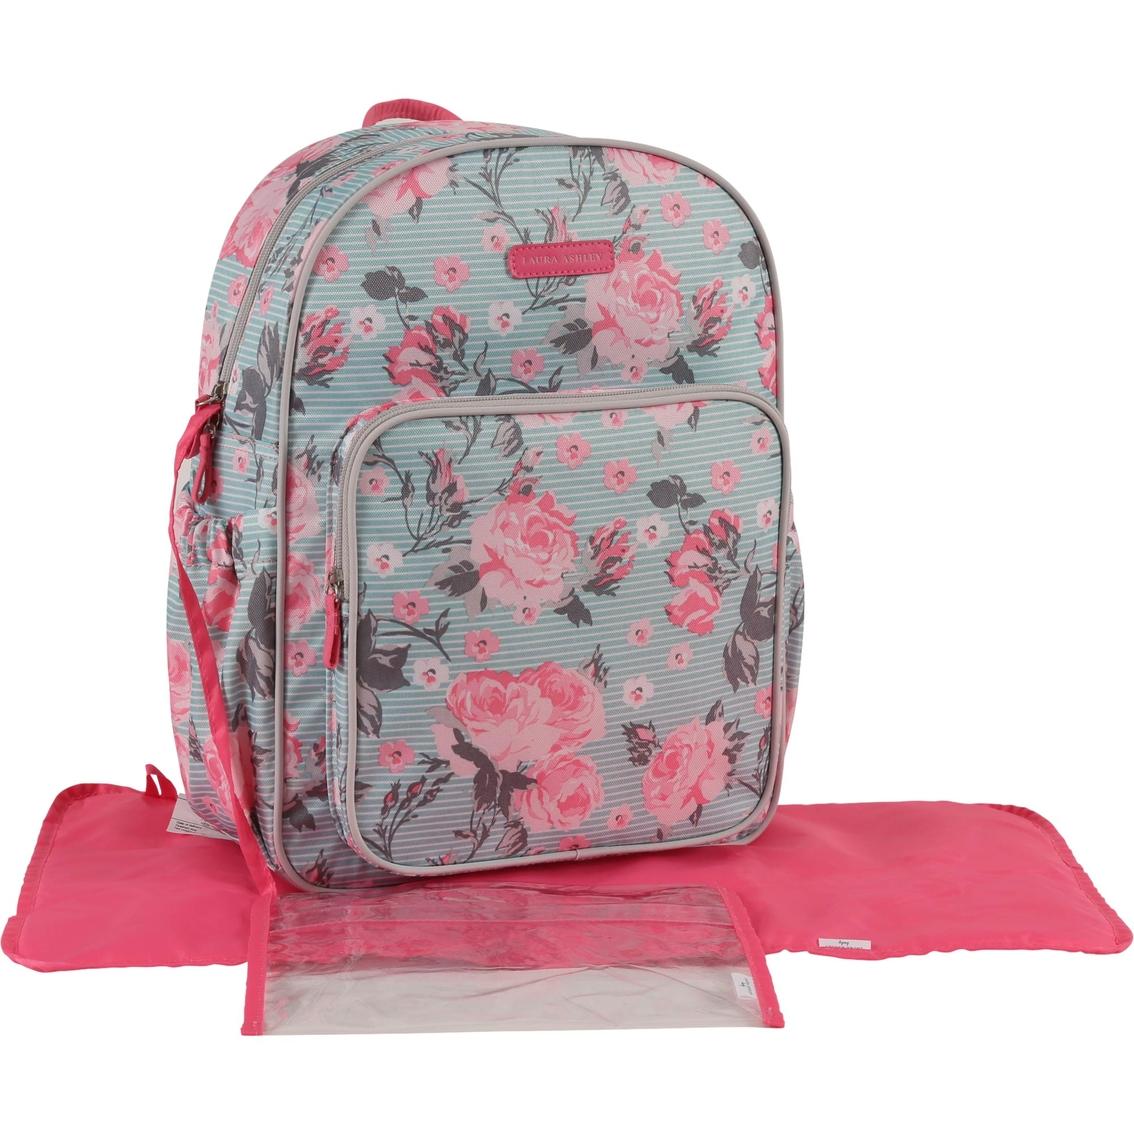 ceca91d6603 Laura Ashley Backpack Diaper Bag